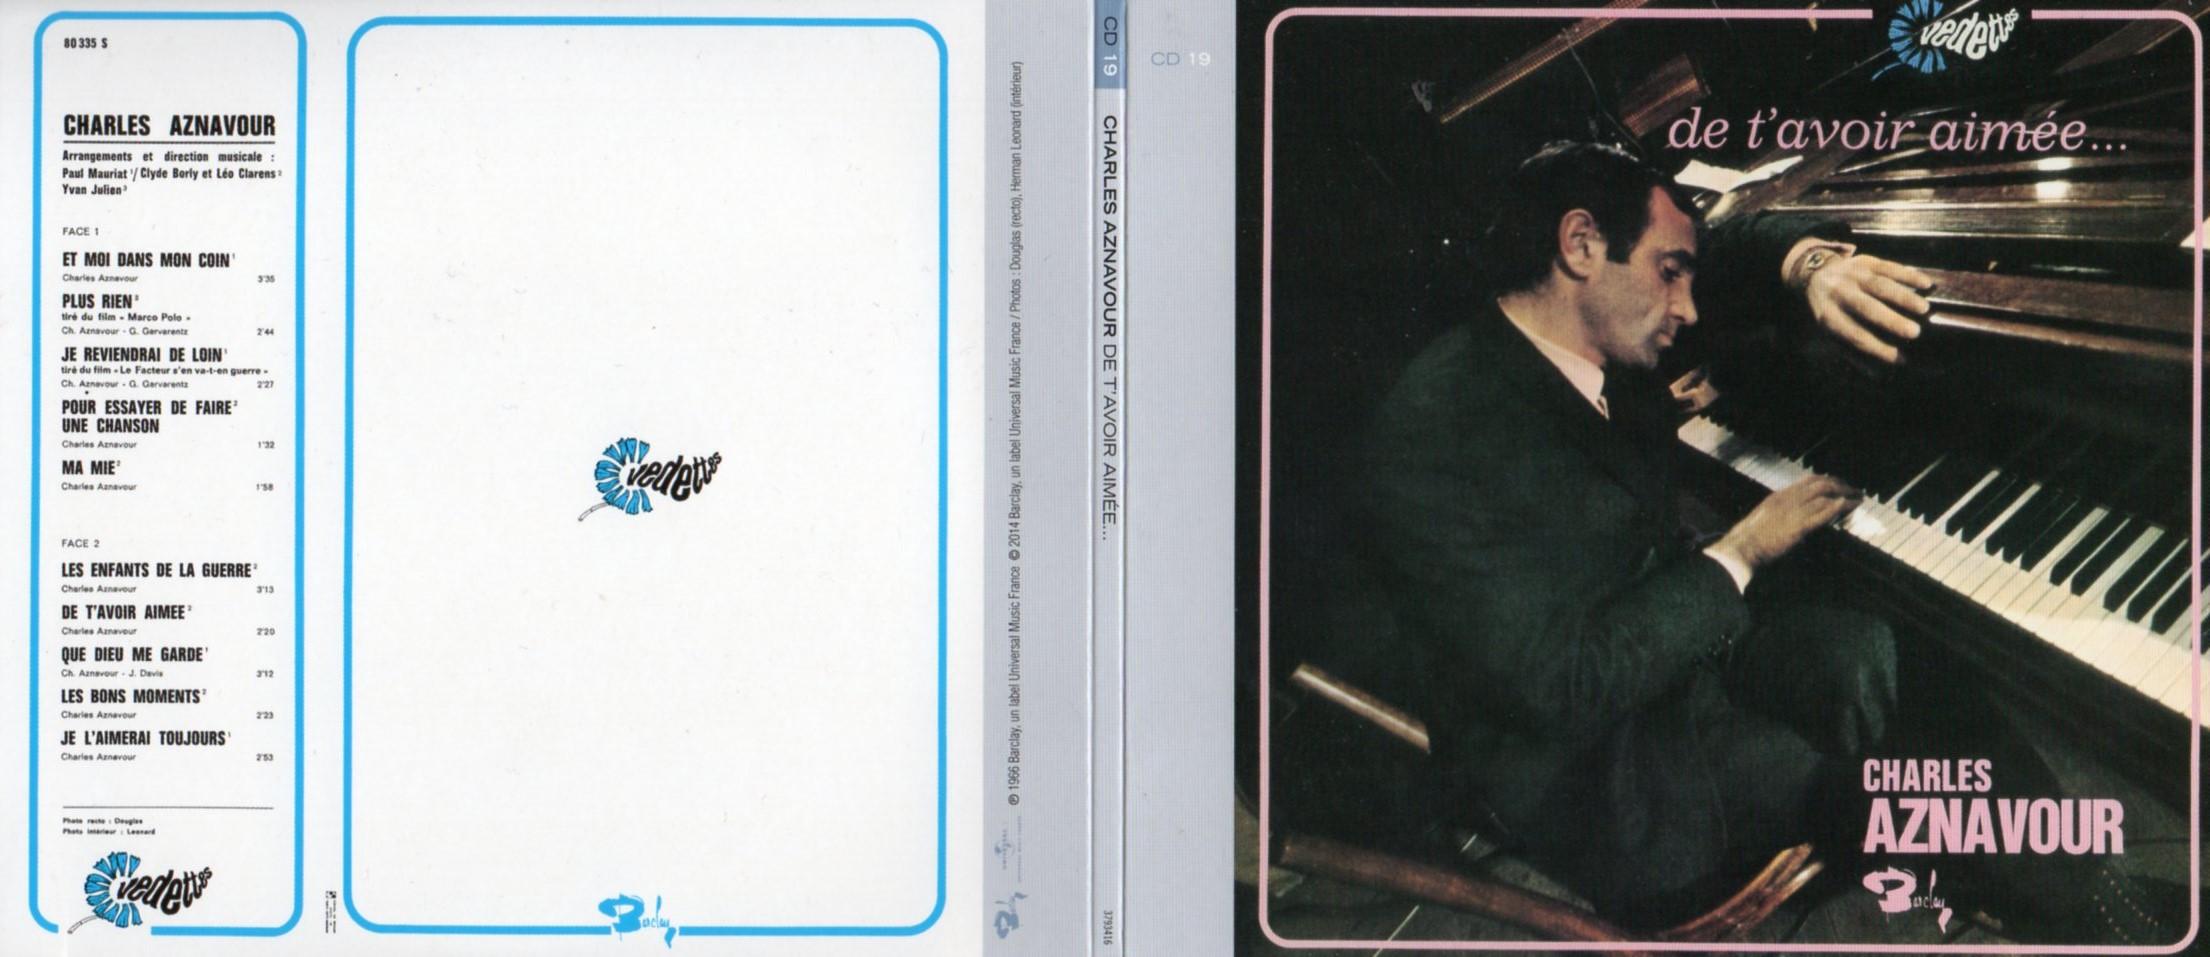 CHARLES AZNAVOUR - De t'avoir aimée (1966) Gatefold Card board sleeve Replica - CD